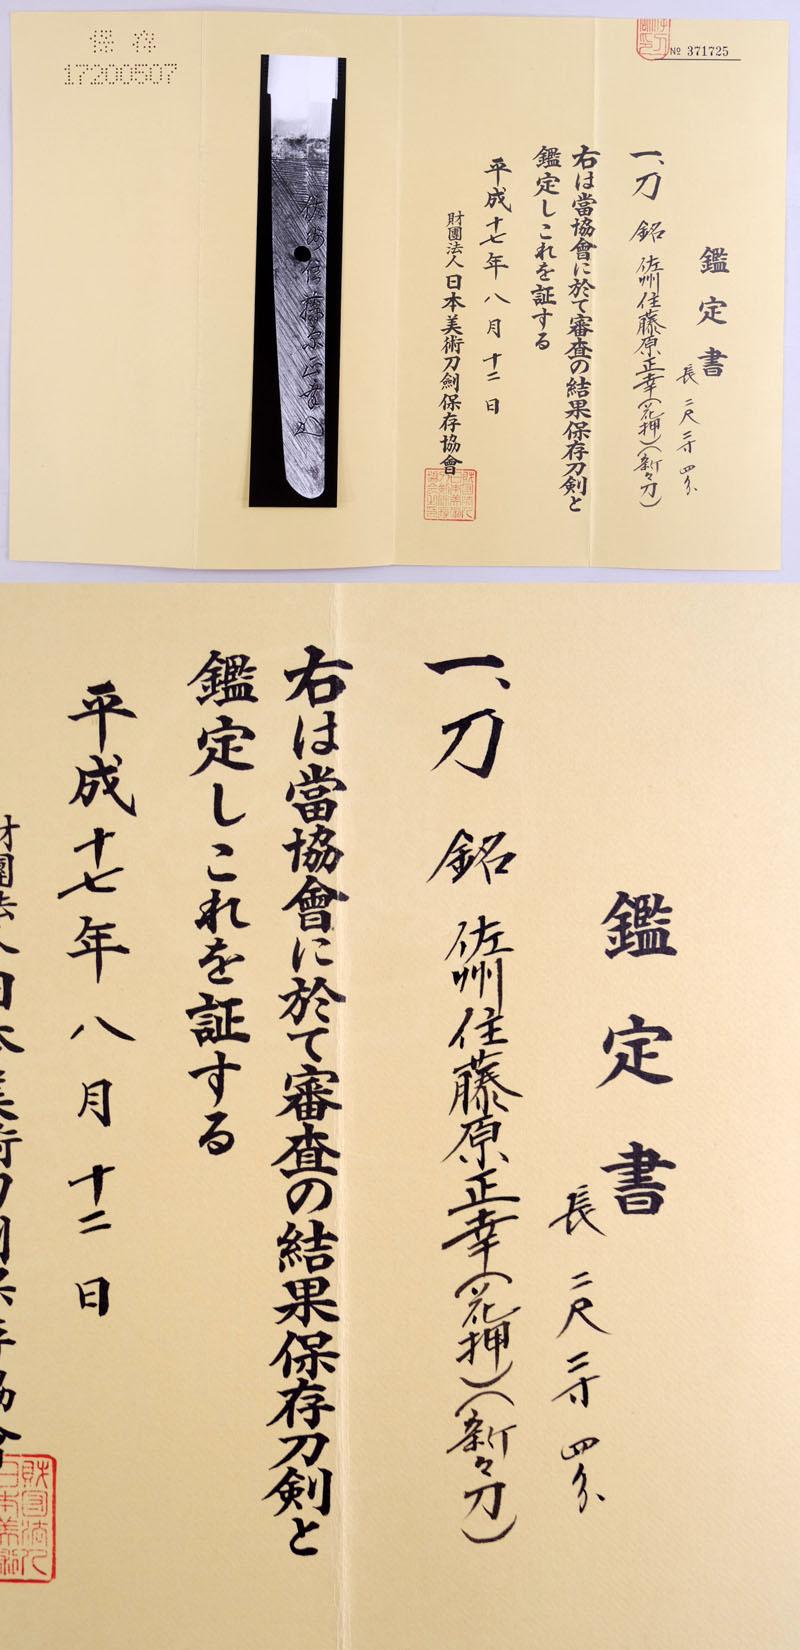 佐州住藤原正幸 Picture of Certificate